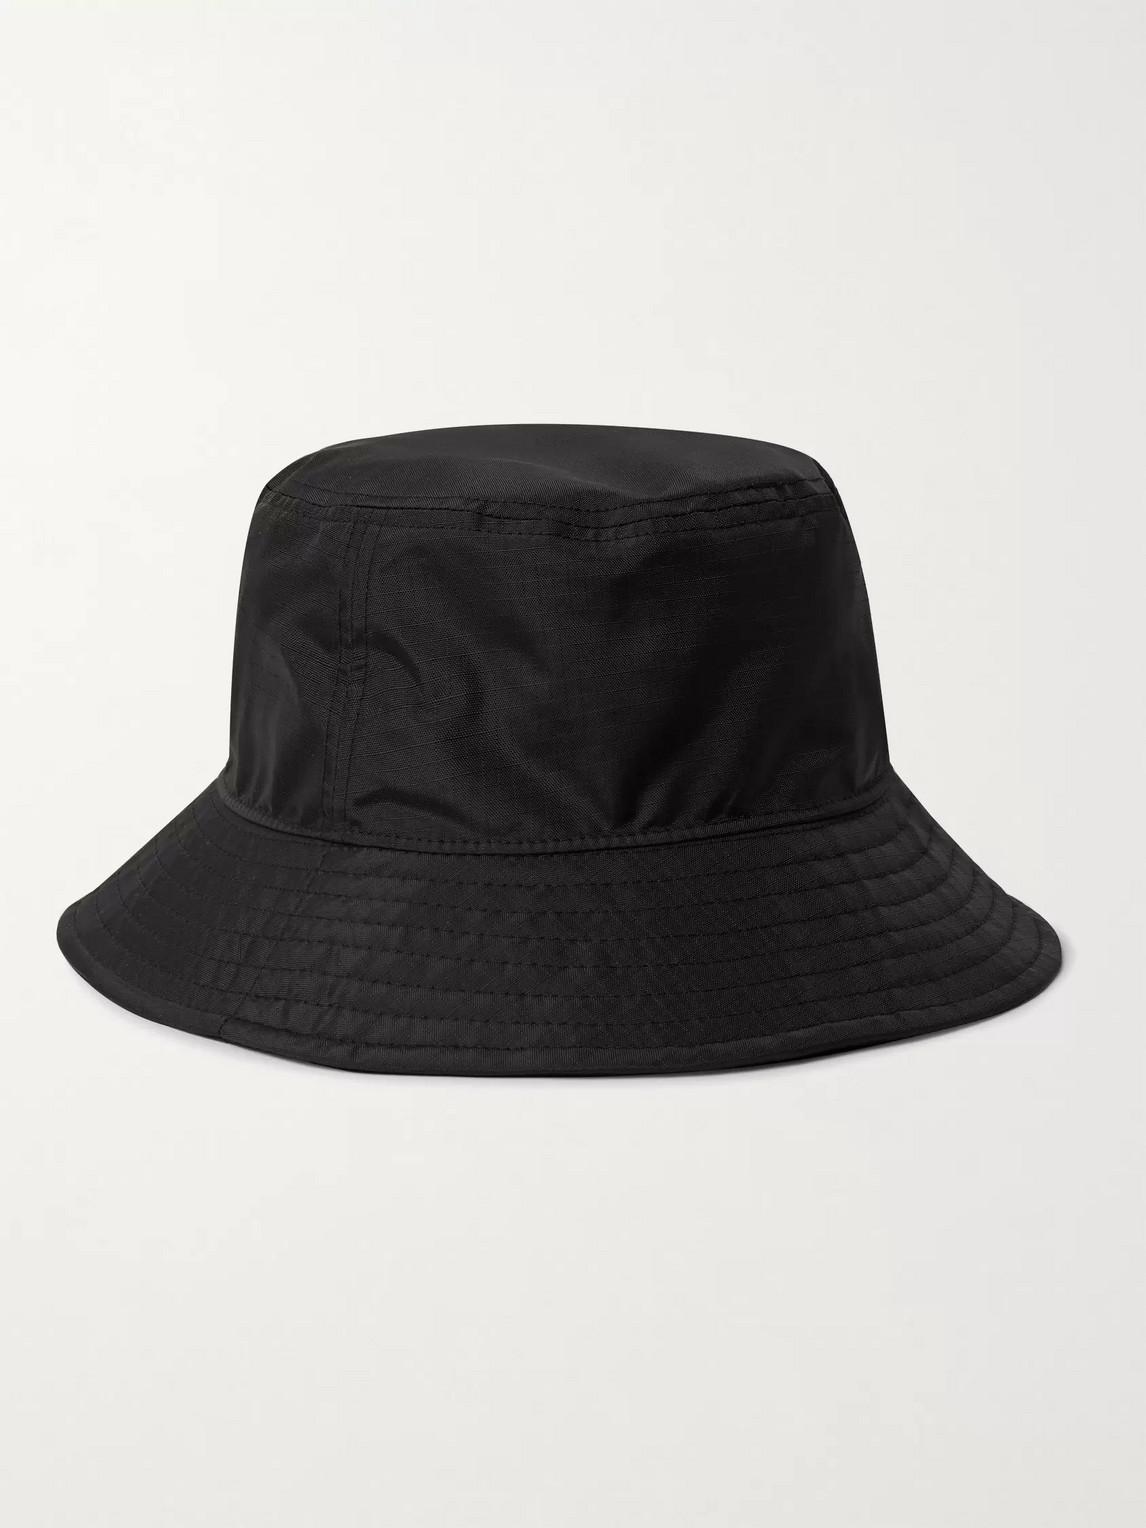 ACNE STUDIOS Hats LOGO-APPLIQUÉD RIPSTOP BUCKET HAT